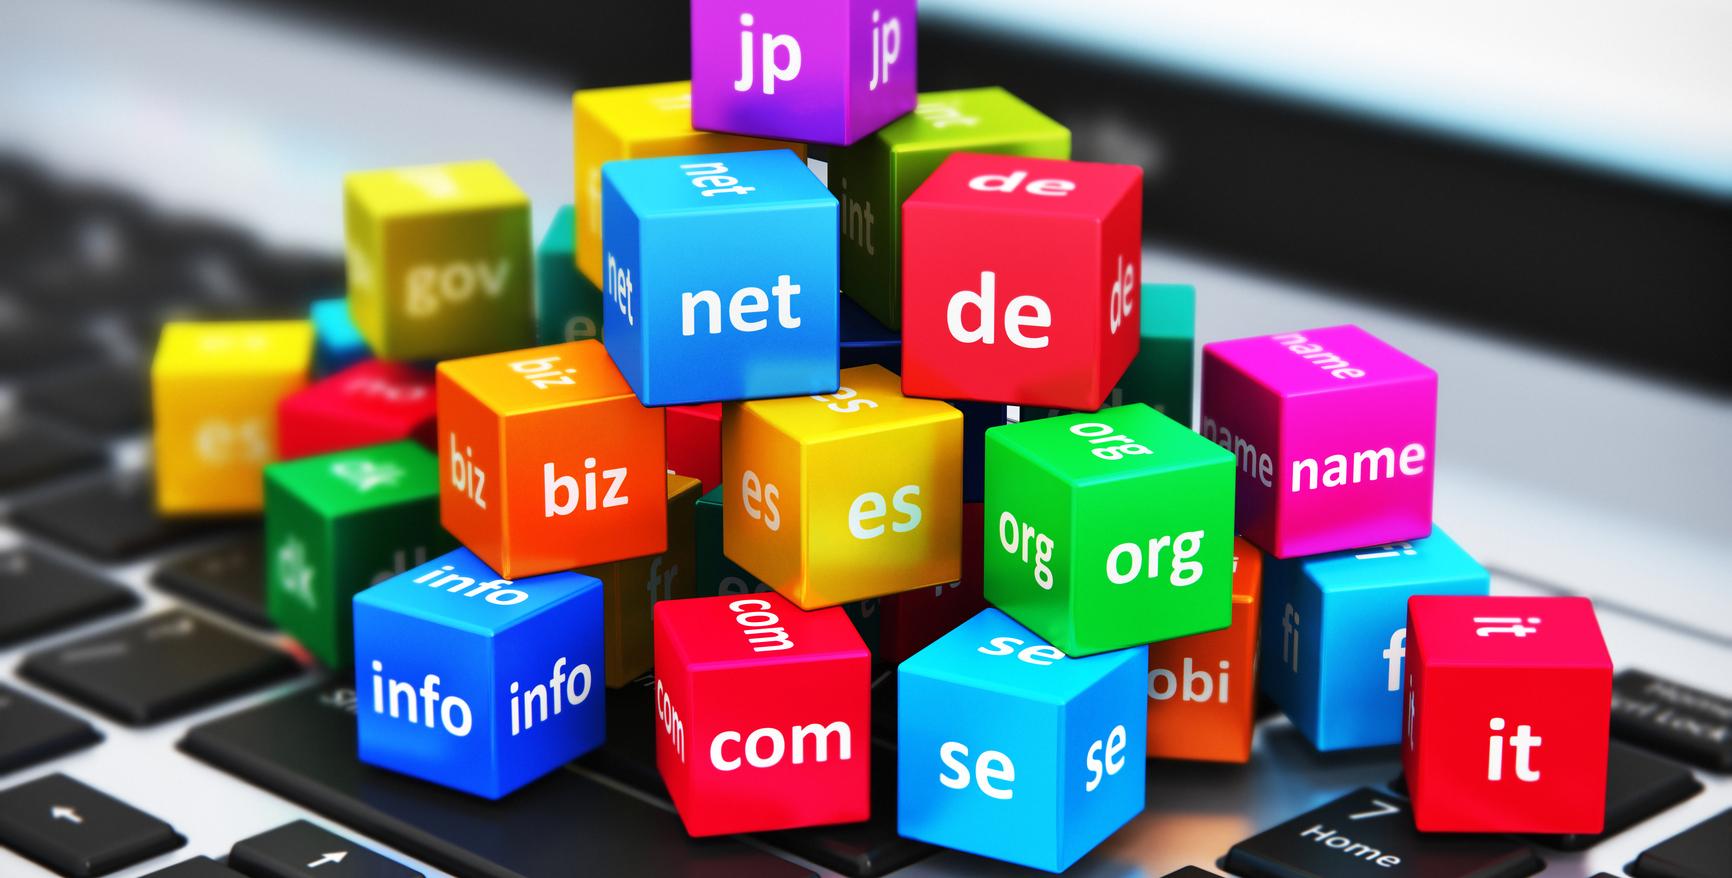 nom de domaine, conception site web, site web, site internet, développement site web